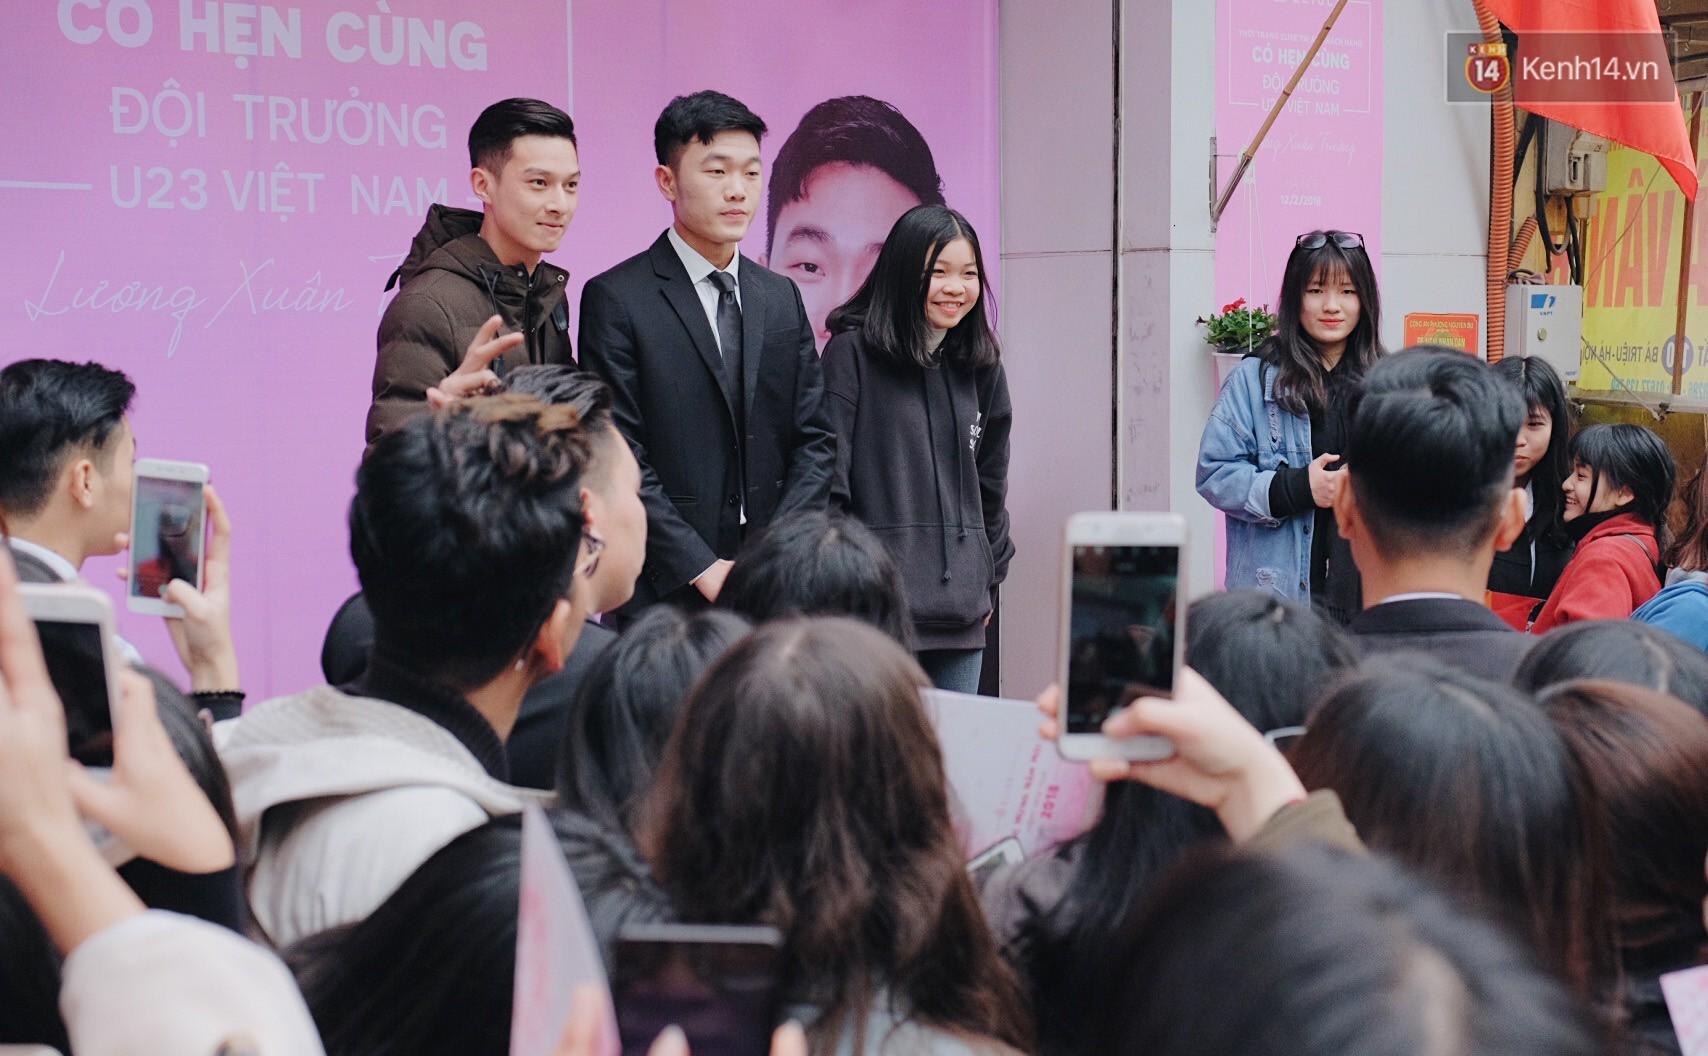 Xuân Trường đẹp trai như idol Hàn, bị fan vây kín khi tham gia sự kiện - Ảnh 7.